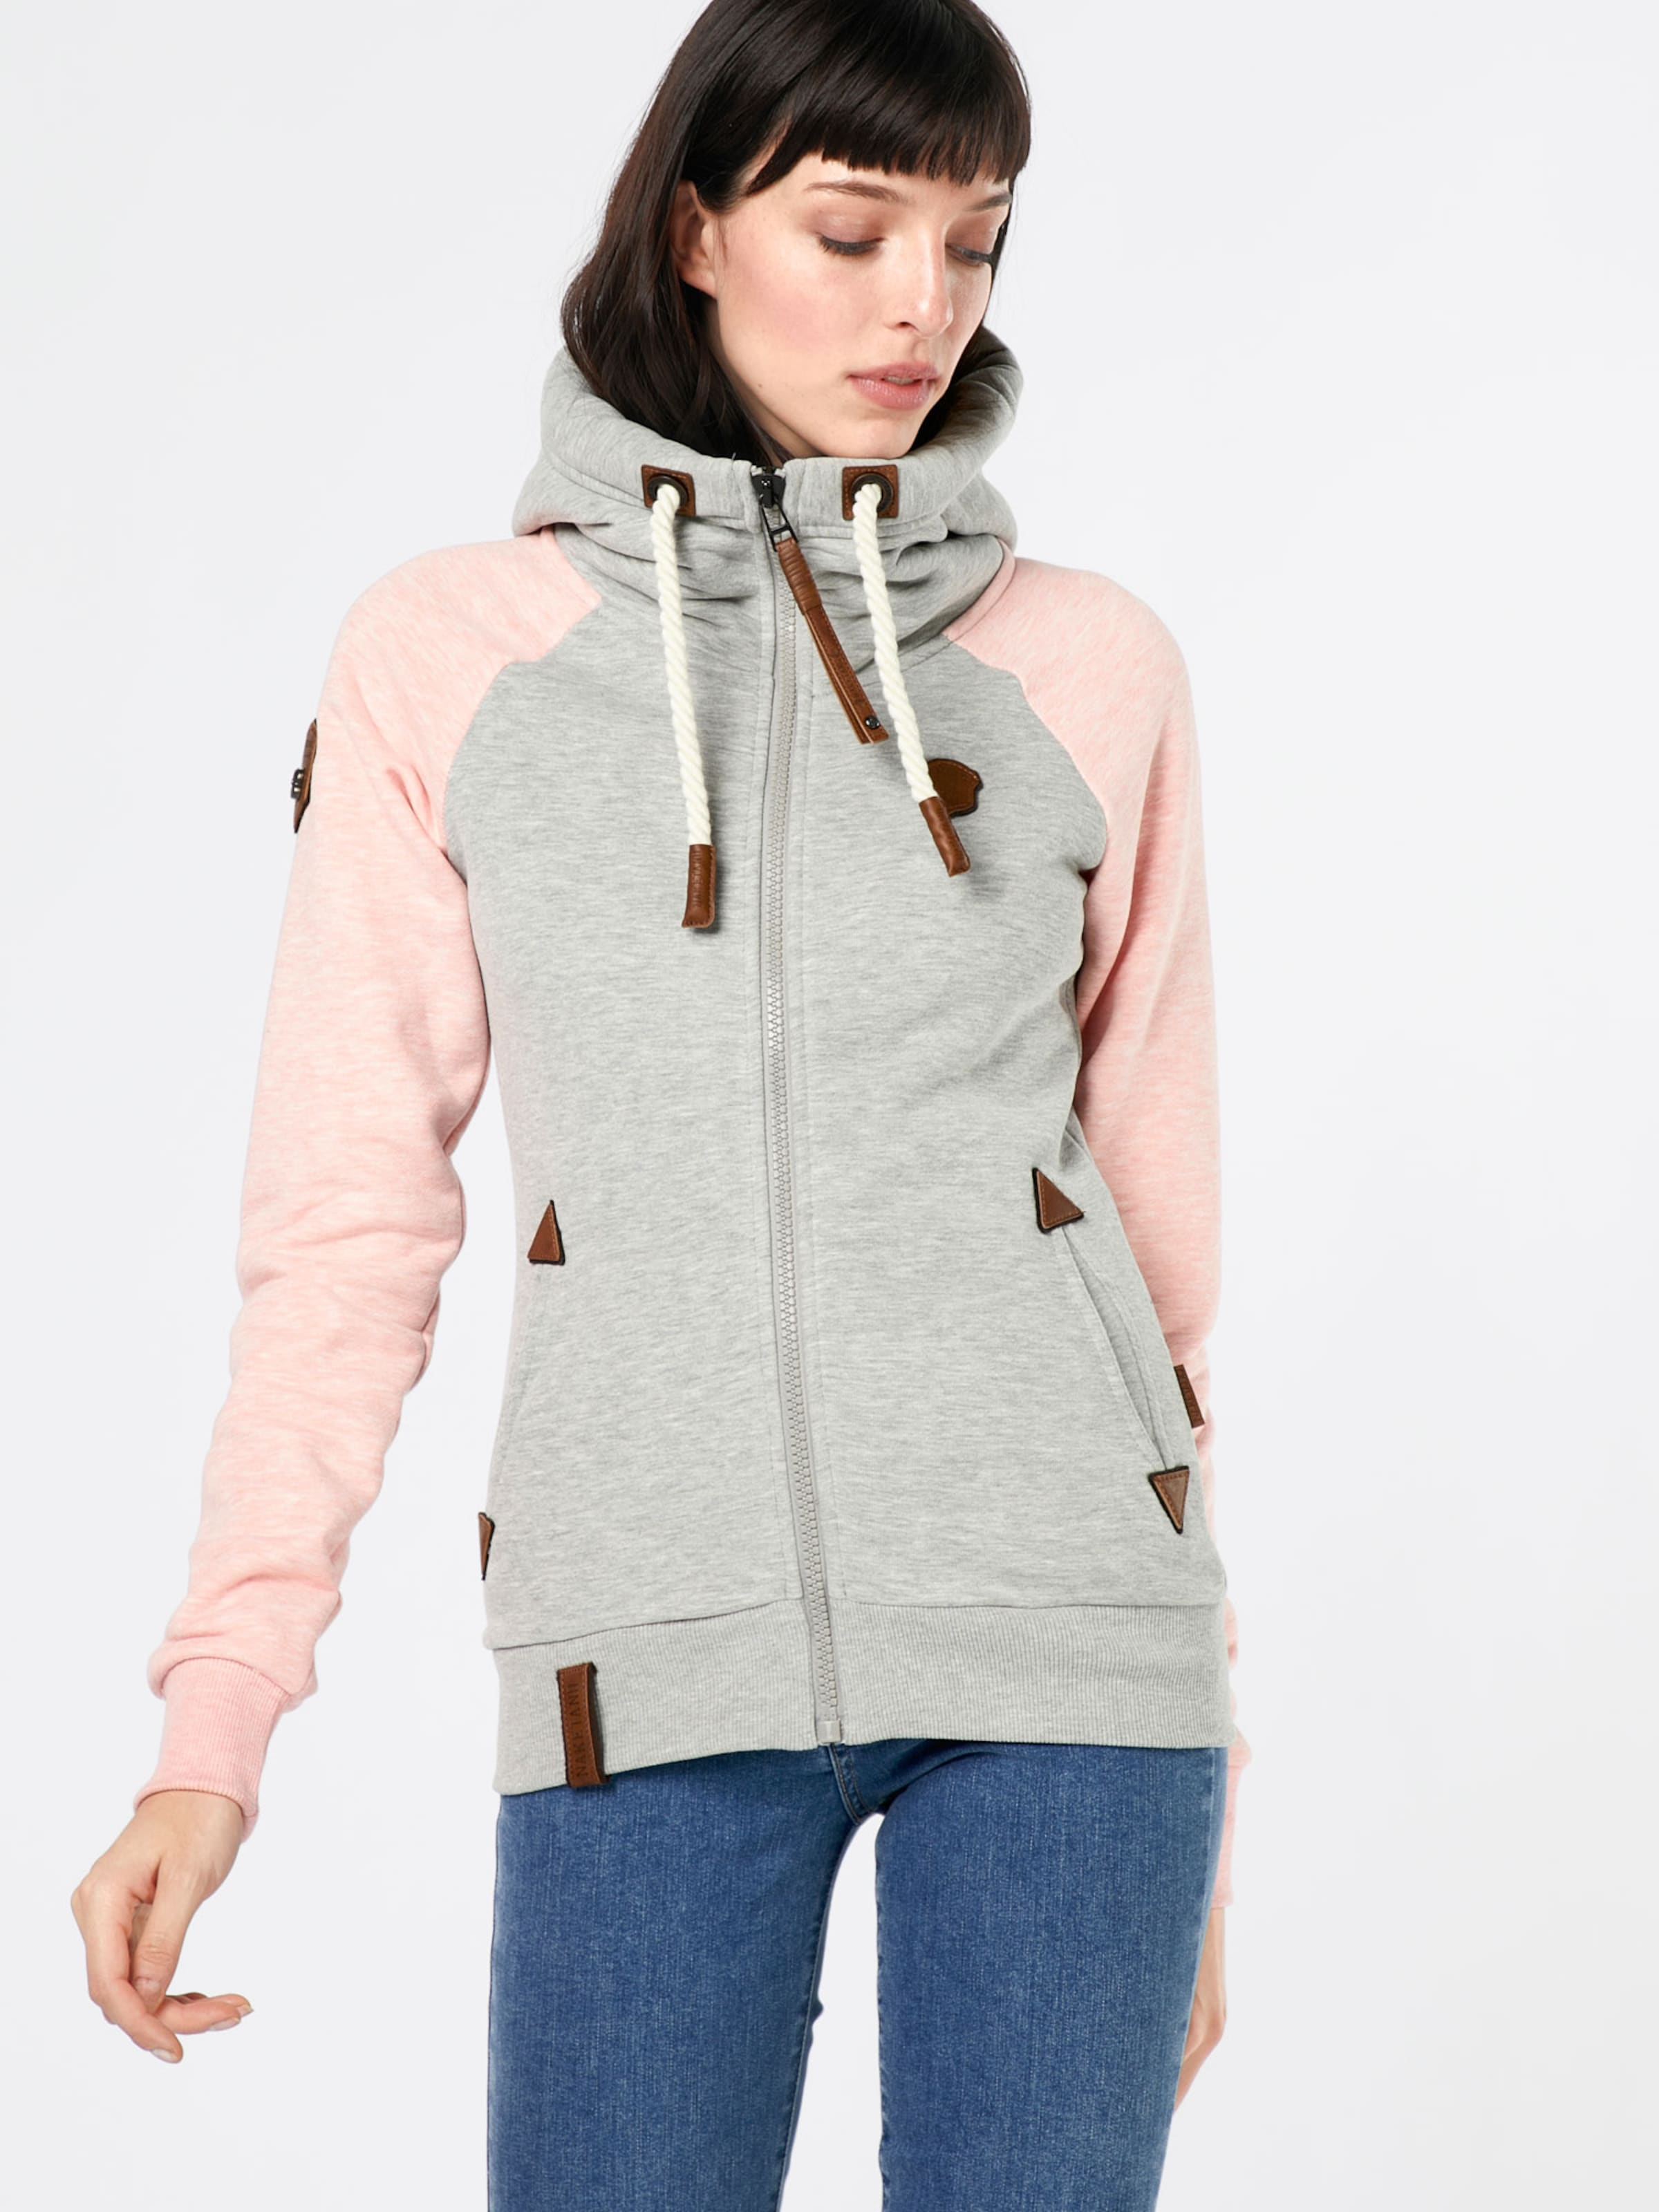 naketano Female Zipped Jacket Mach klar jetzt Günstig Kaufen 2018 Neueste Billig Verkauf Veröffentlichungstermine Rabatt Zuverlässig Kaufen Auslass Extrem UpMM85jUf